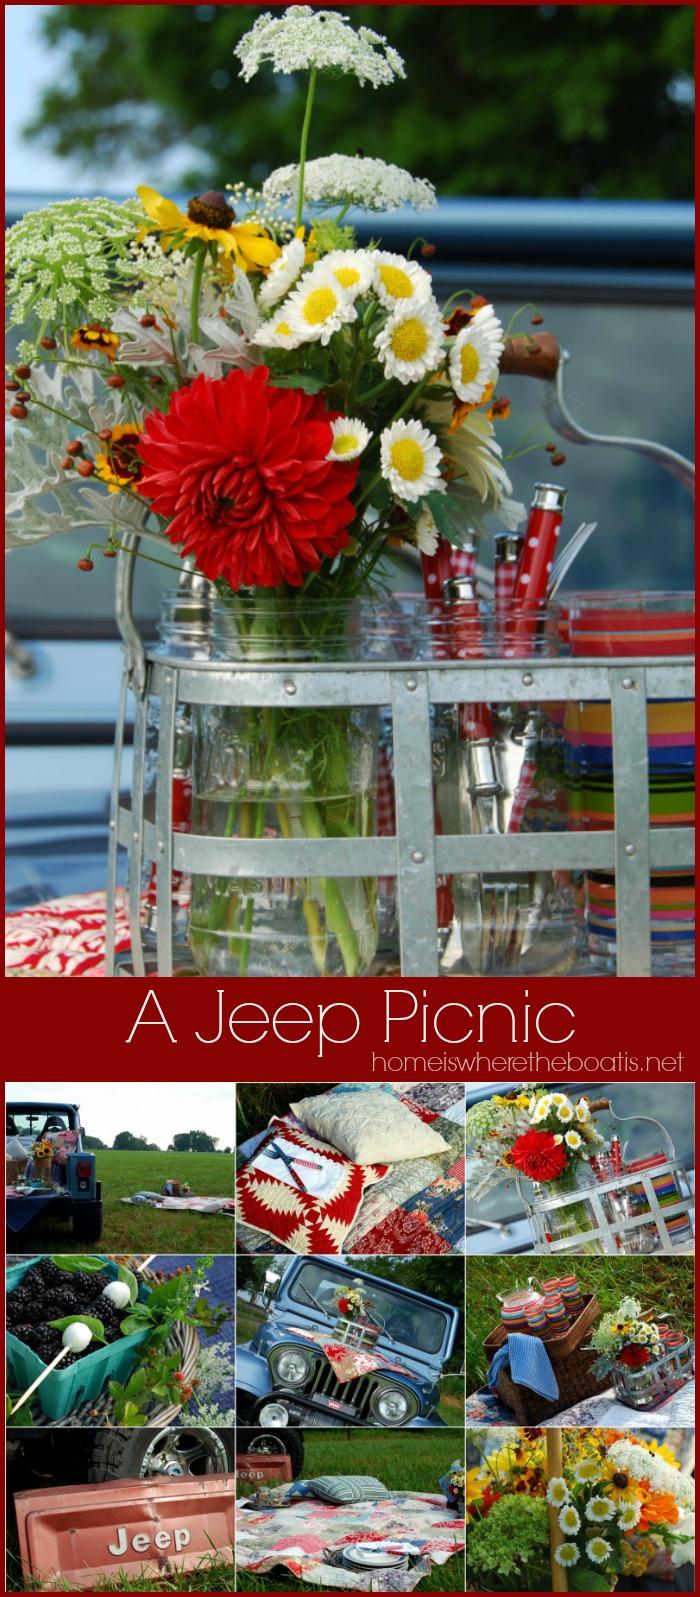 A Jeep Picnic